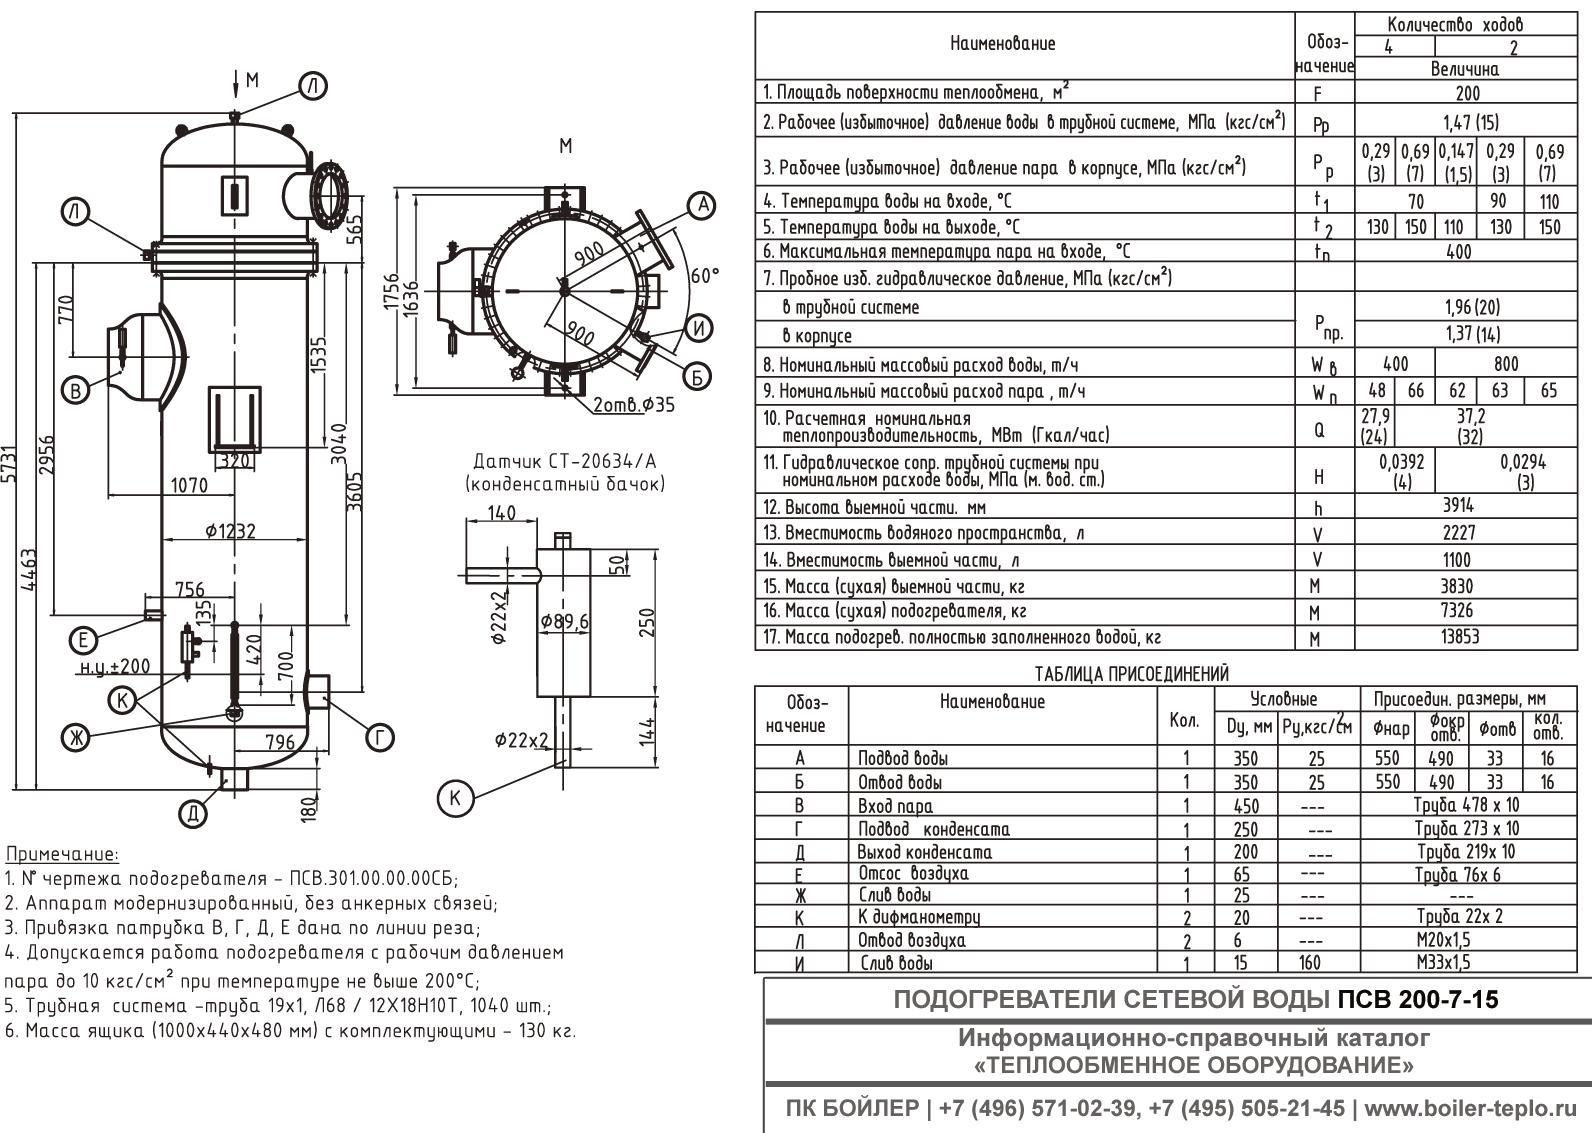 Кожухотрубчатые подогреватели сетевой воды (ПСВ) Москва пластинчатый теплообменник нн 20 ридан цена